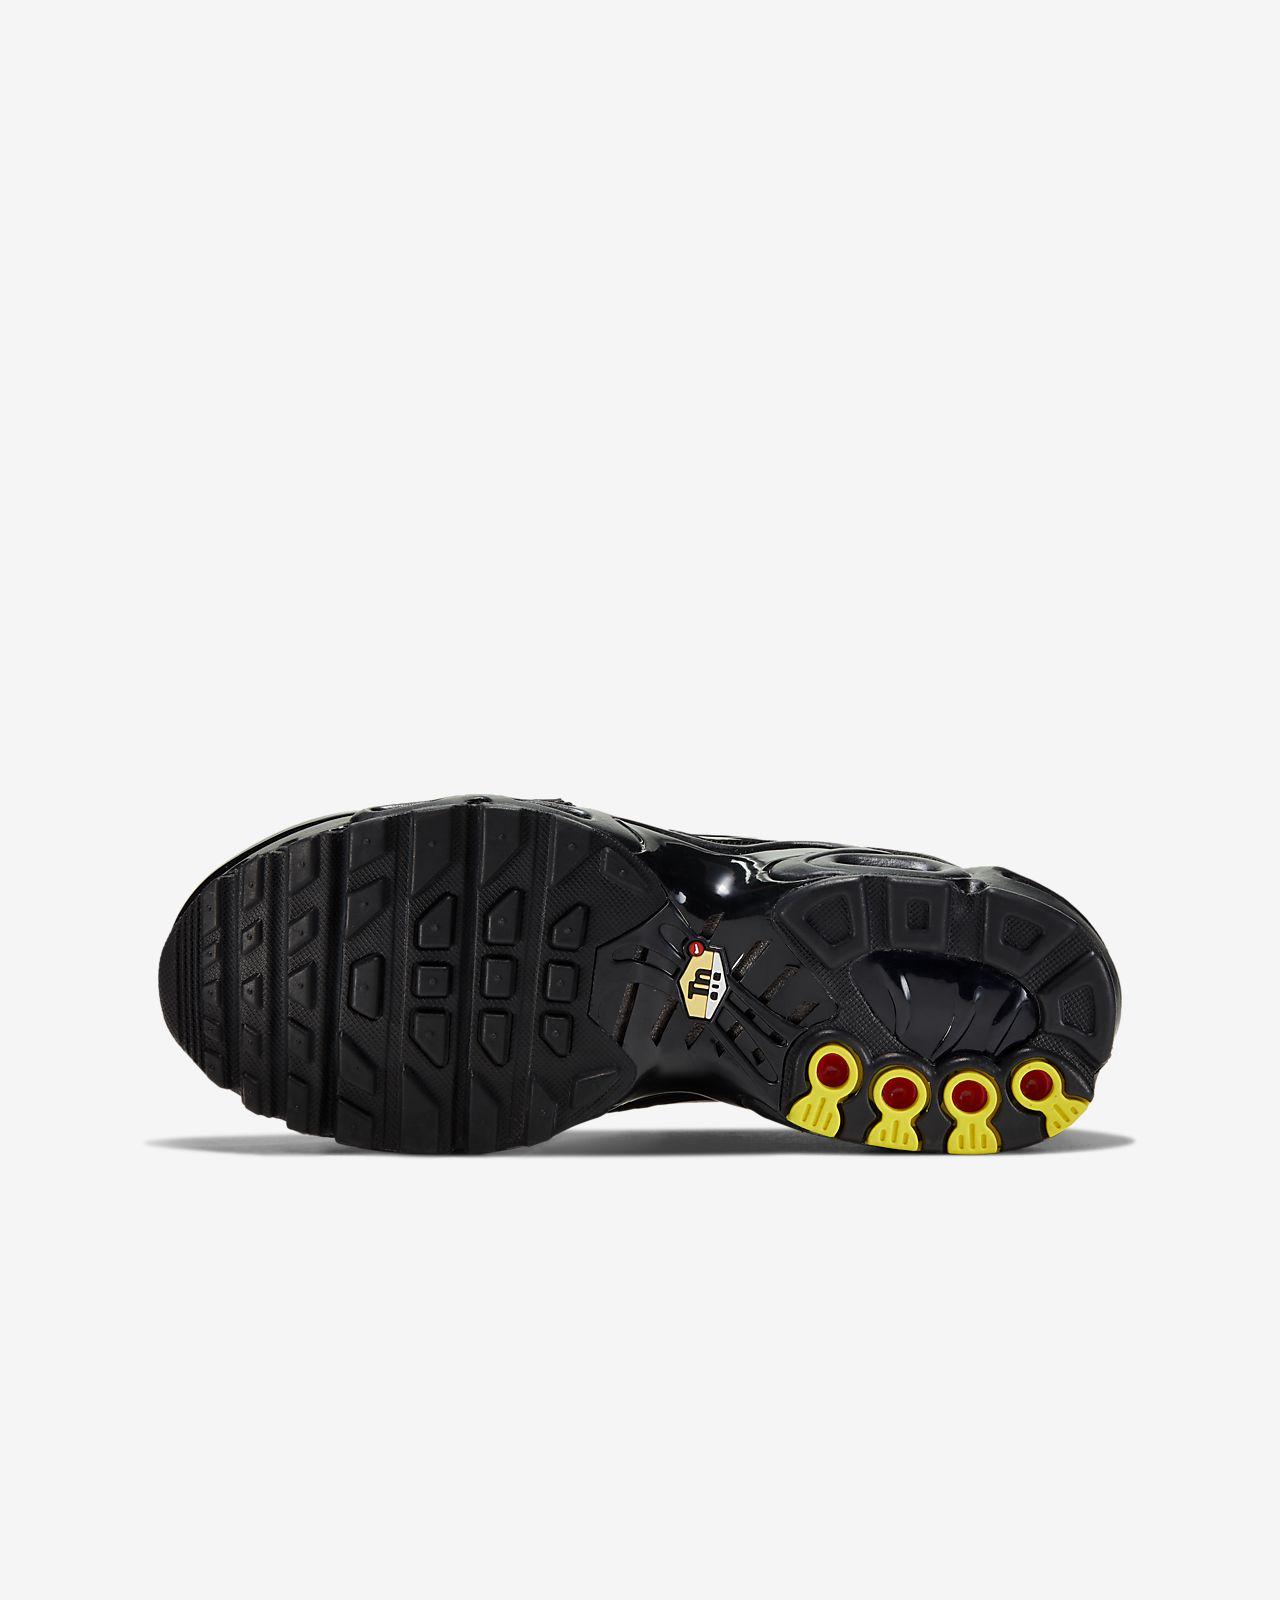 Nike Air Max Plus Tn Se Schuh Für Ältere Kinder Schwarz